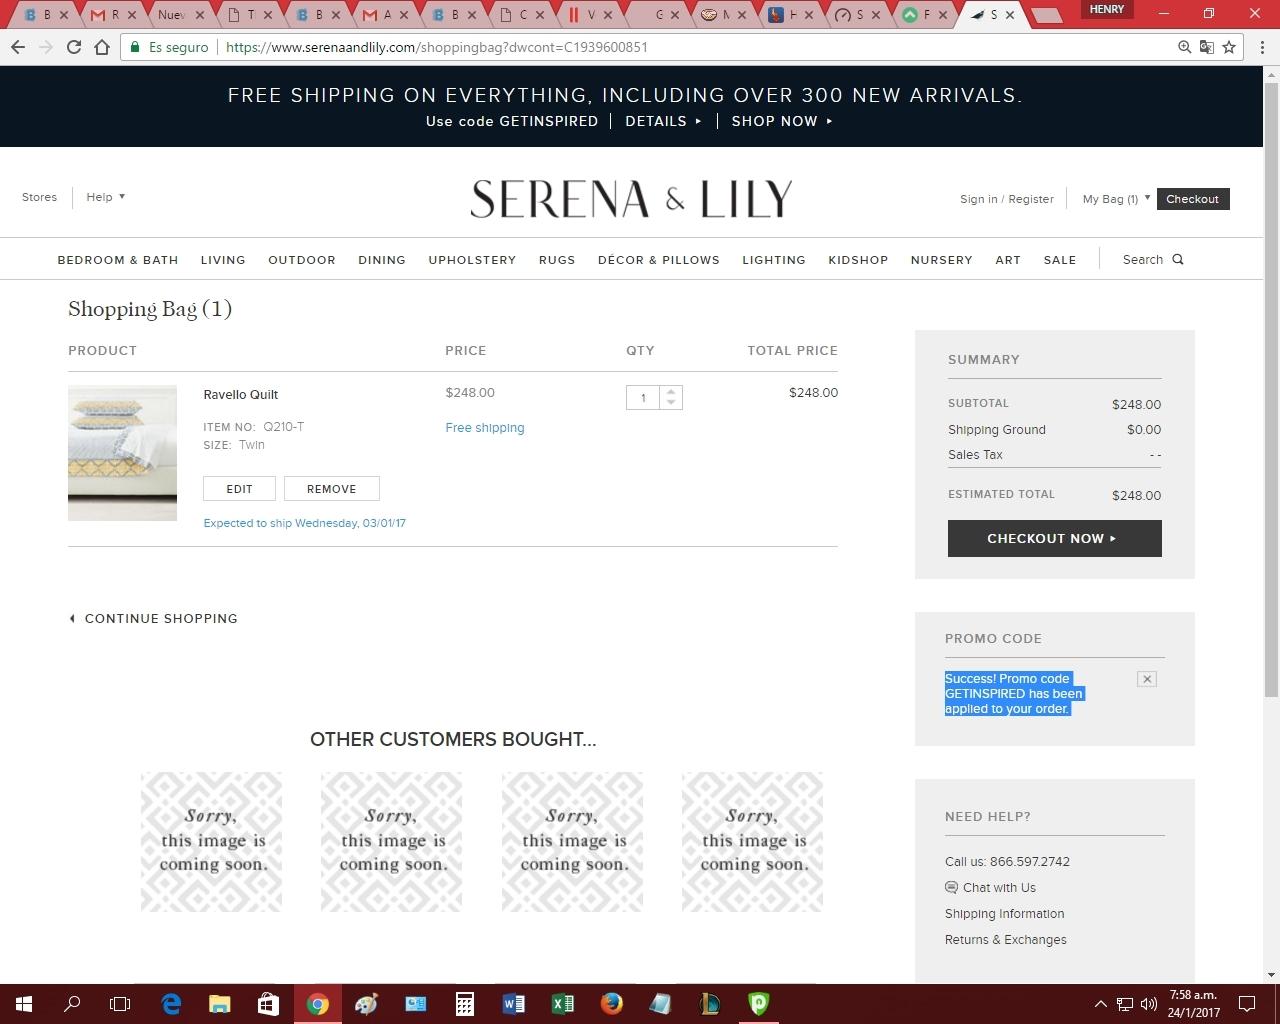 Get FREE Serena And Lily Coupon Codes and Free Shipping Codes! Find and share Serena And Lily Coupons at spiritmovies.ml